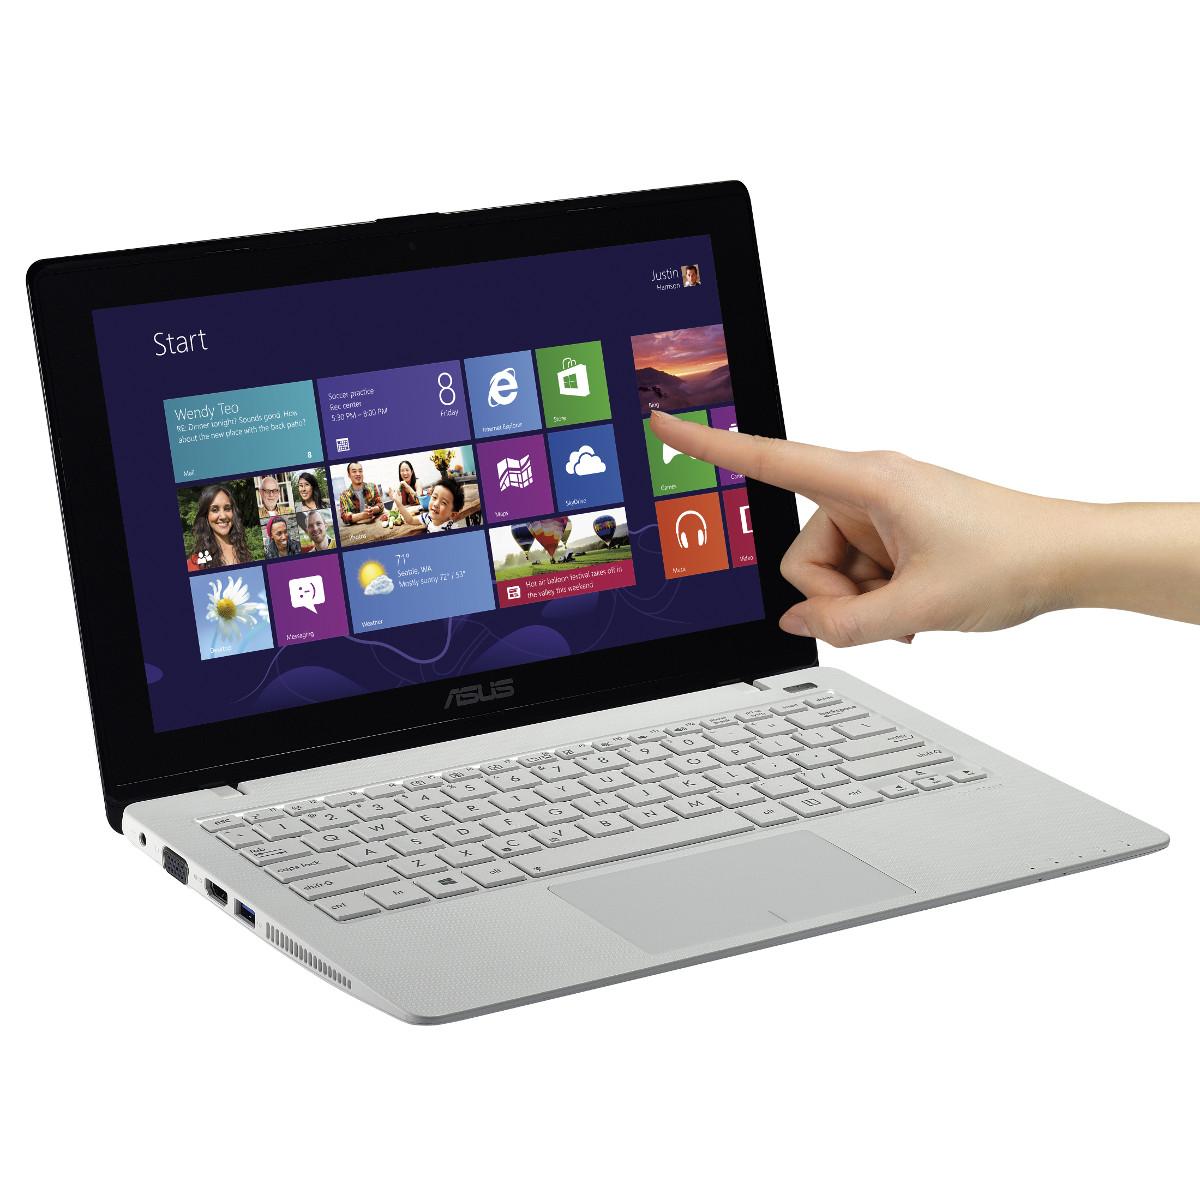 """PC portable ASUS Vivobook F200MA-CT067H Blanc Intel Celeron N2815 4 Go 500 Go 11.6"""" LED Tactile Wi-Fi N Webcam Windows 8.1 64 bits (garantie constructeur 1 an)"""